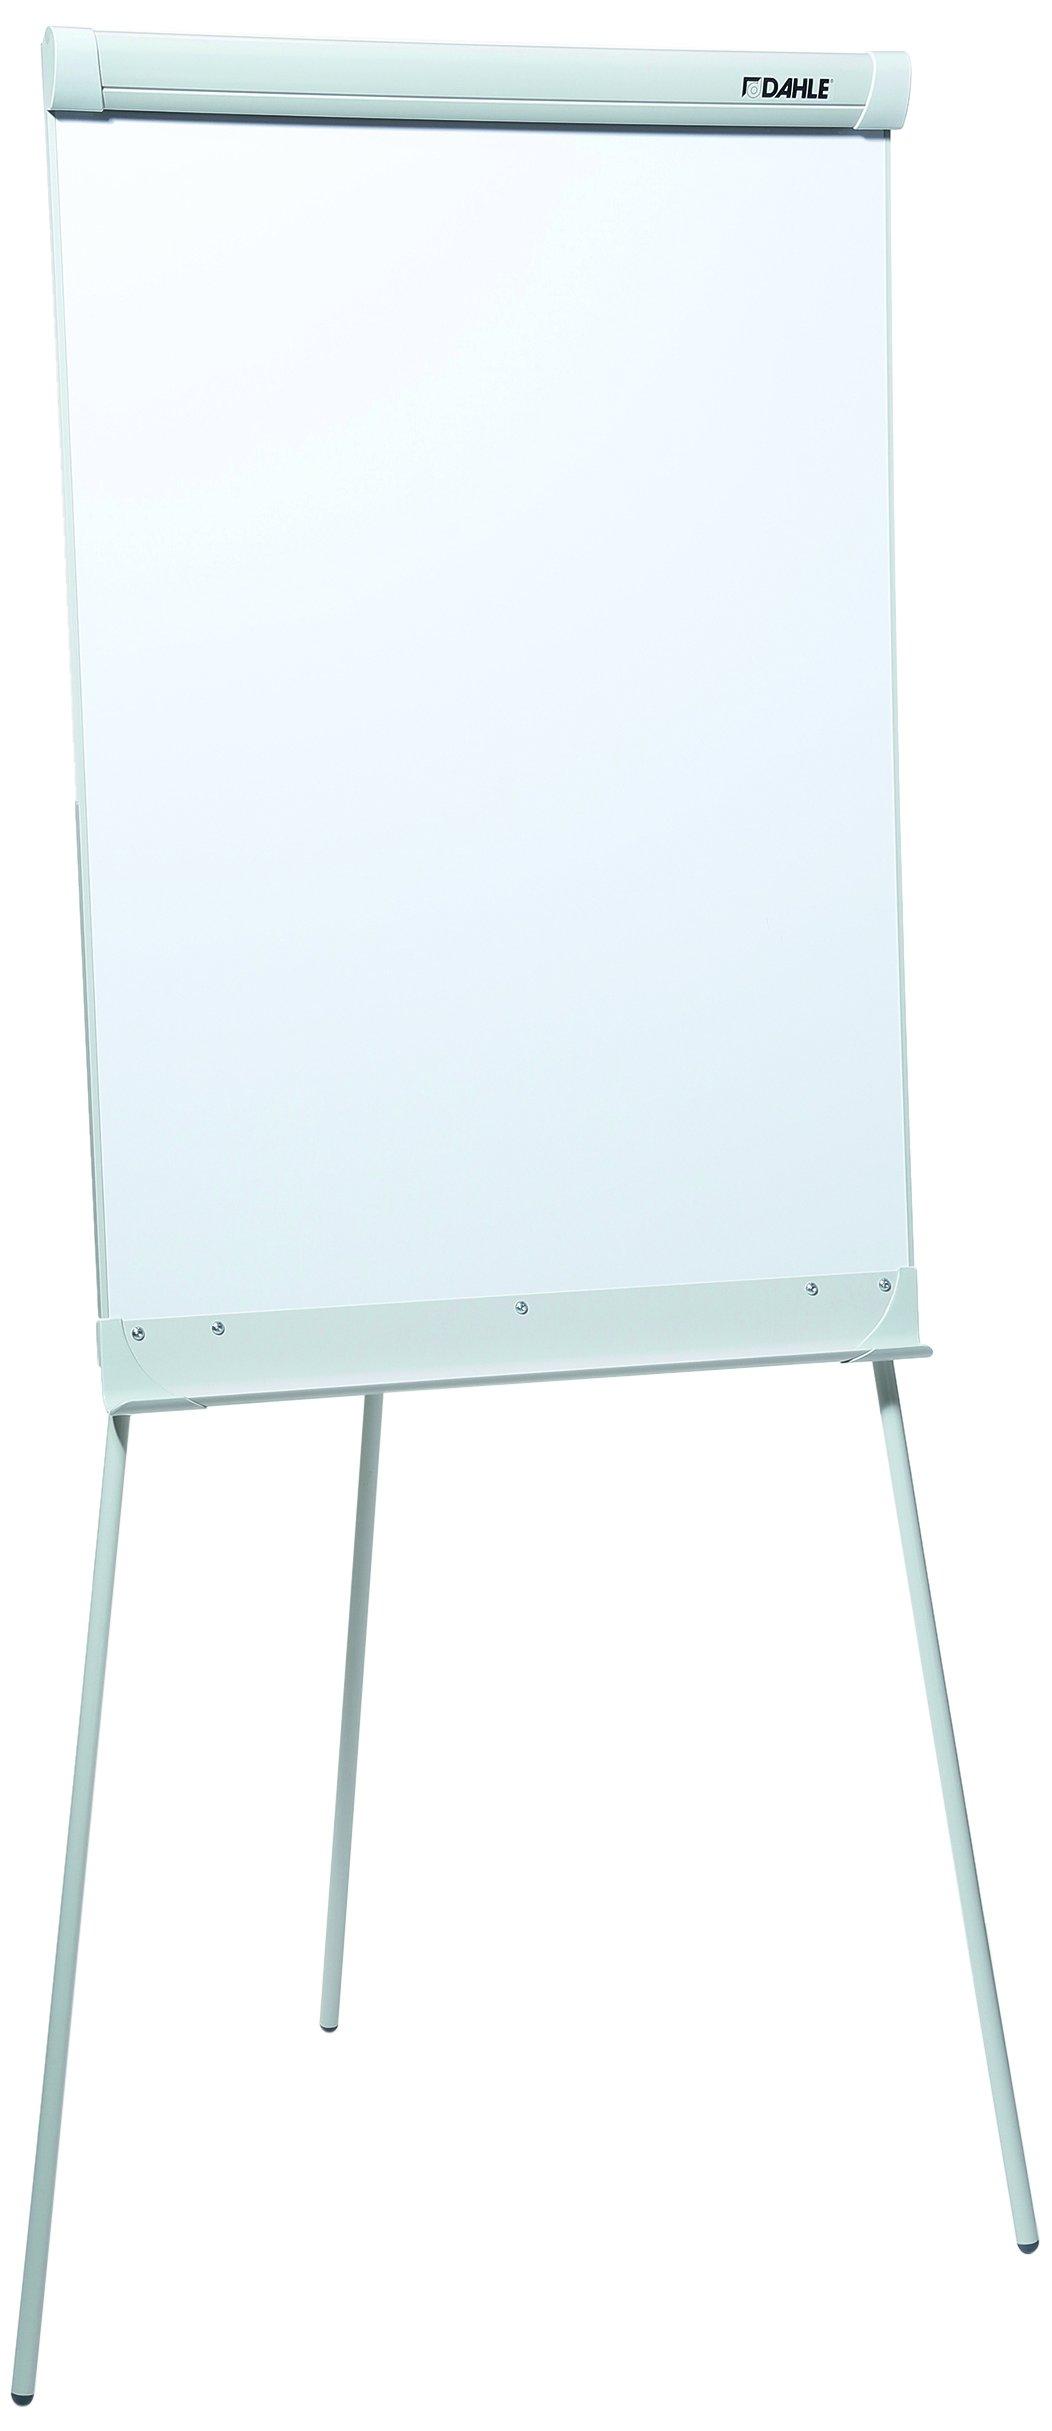 DAHLE 96010の事務用品個人フリップチャート(68×92センチメートル)グレー